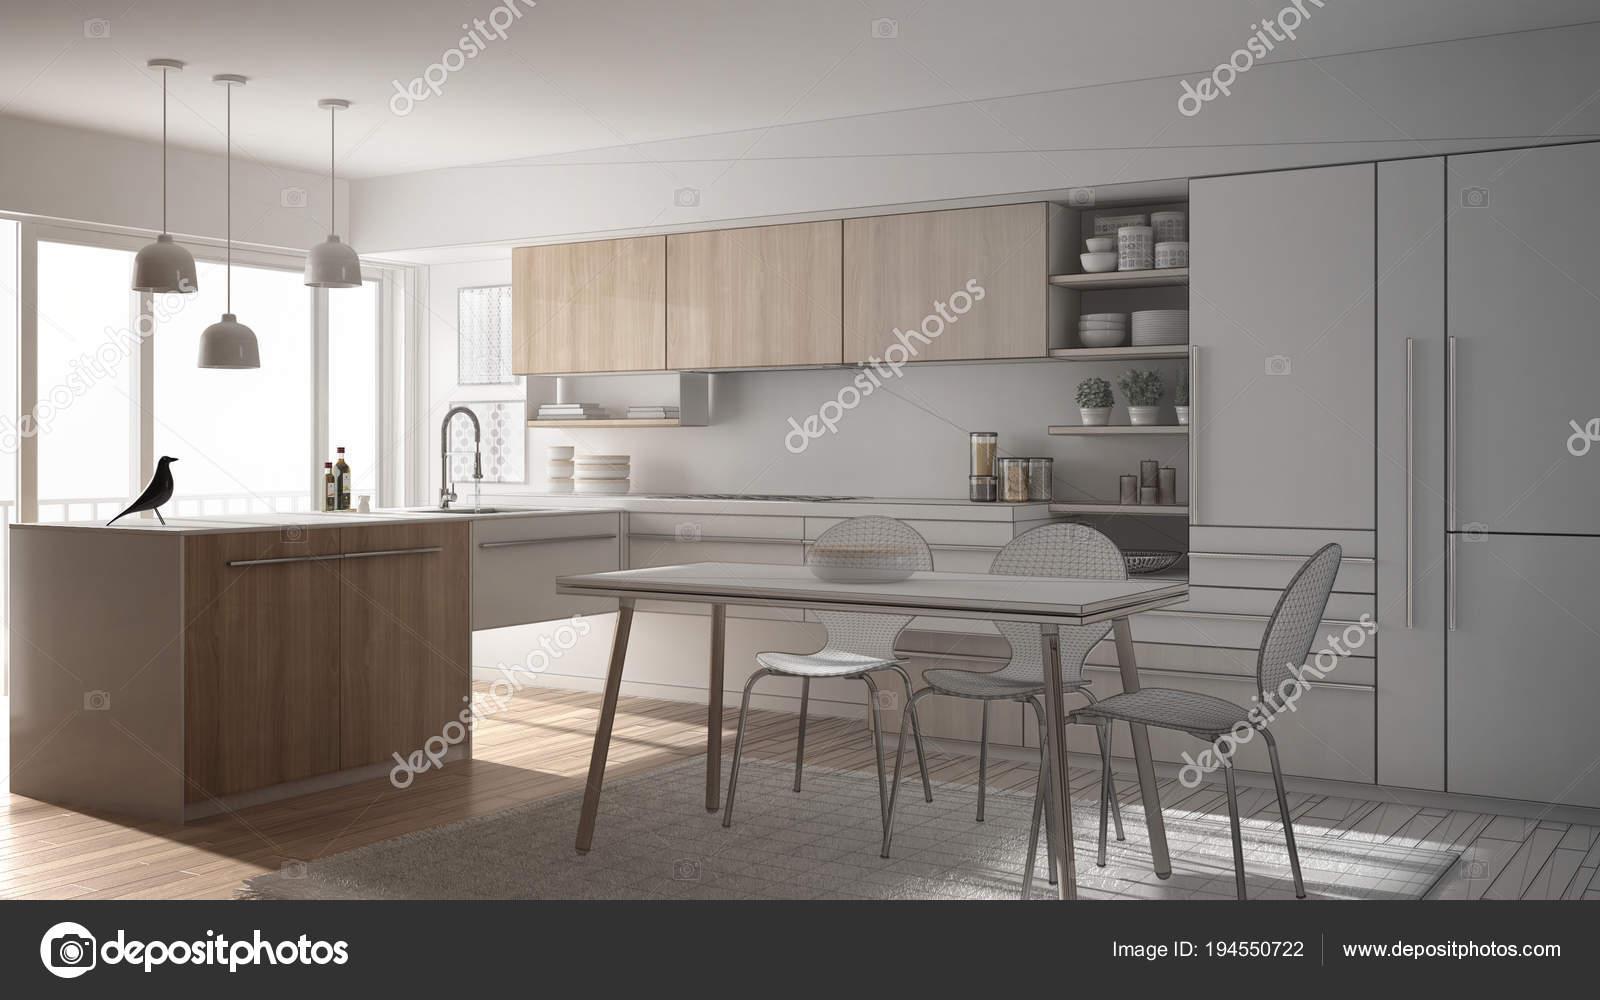 Tapijt Voor Keuken : Onvoltooide project van moderne minimalistische keuken met eettafel